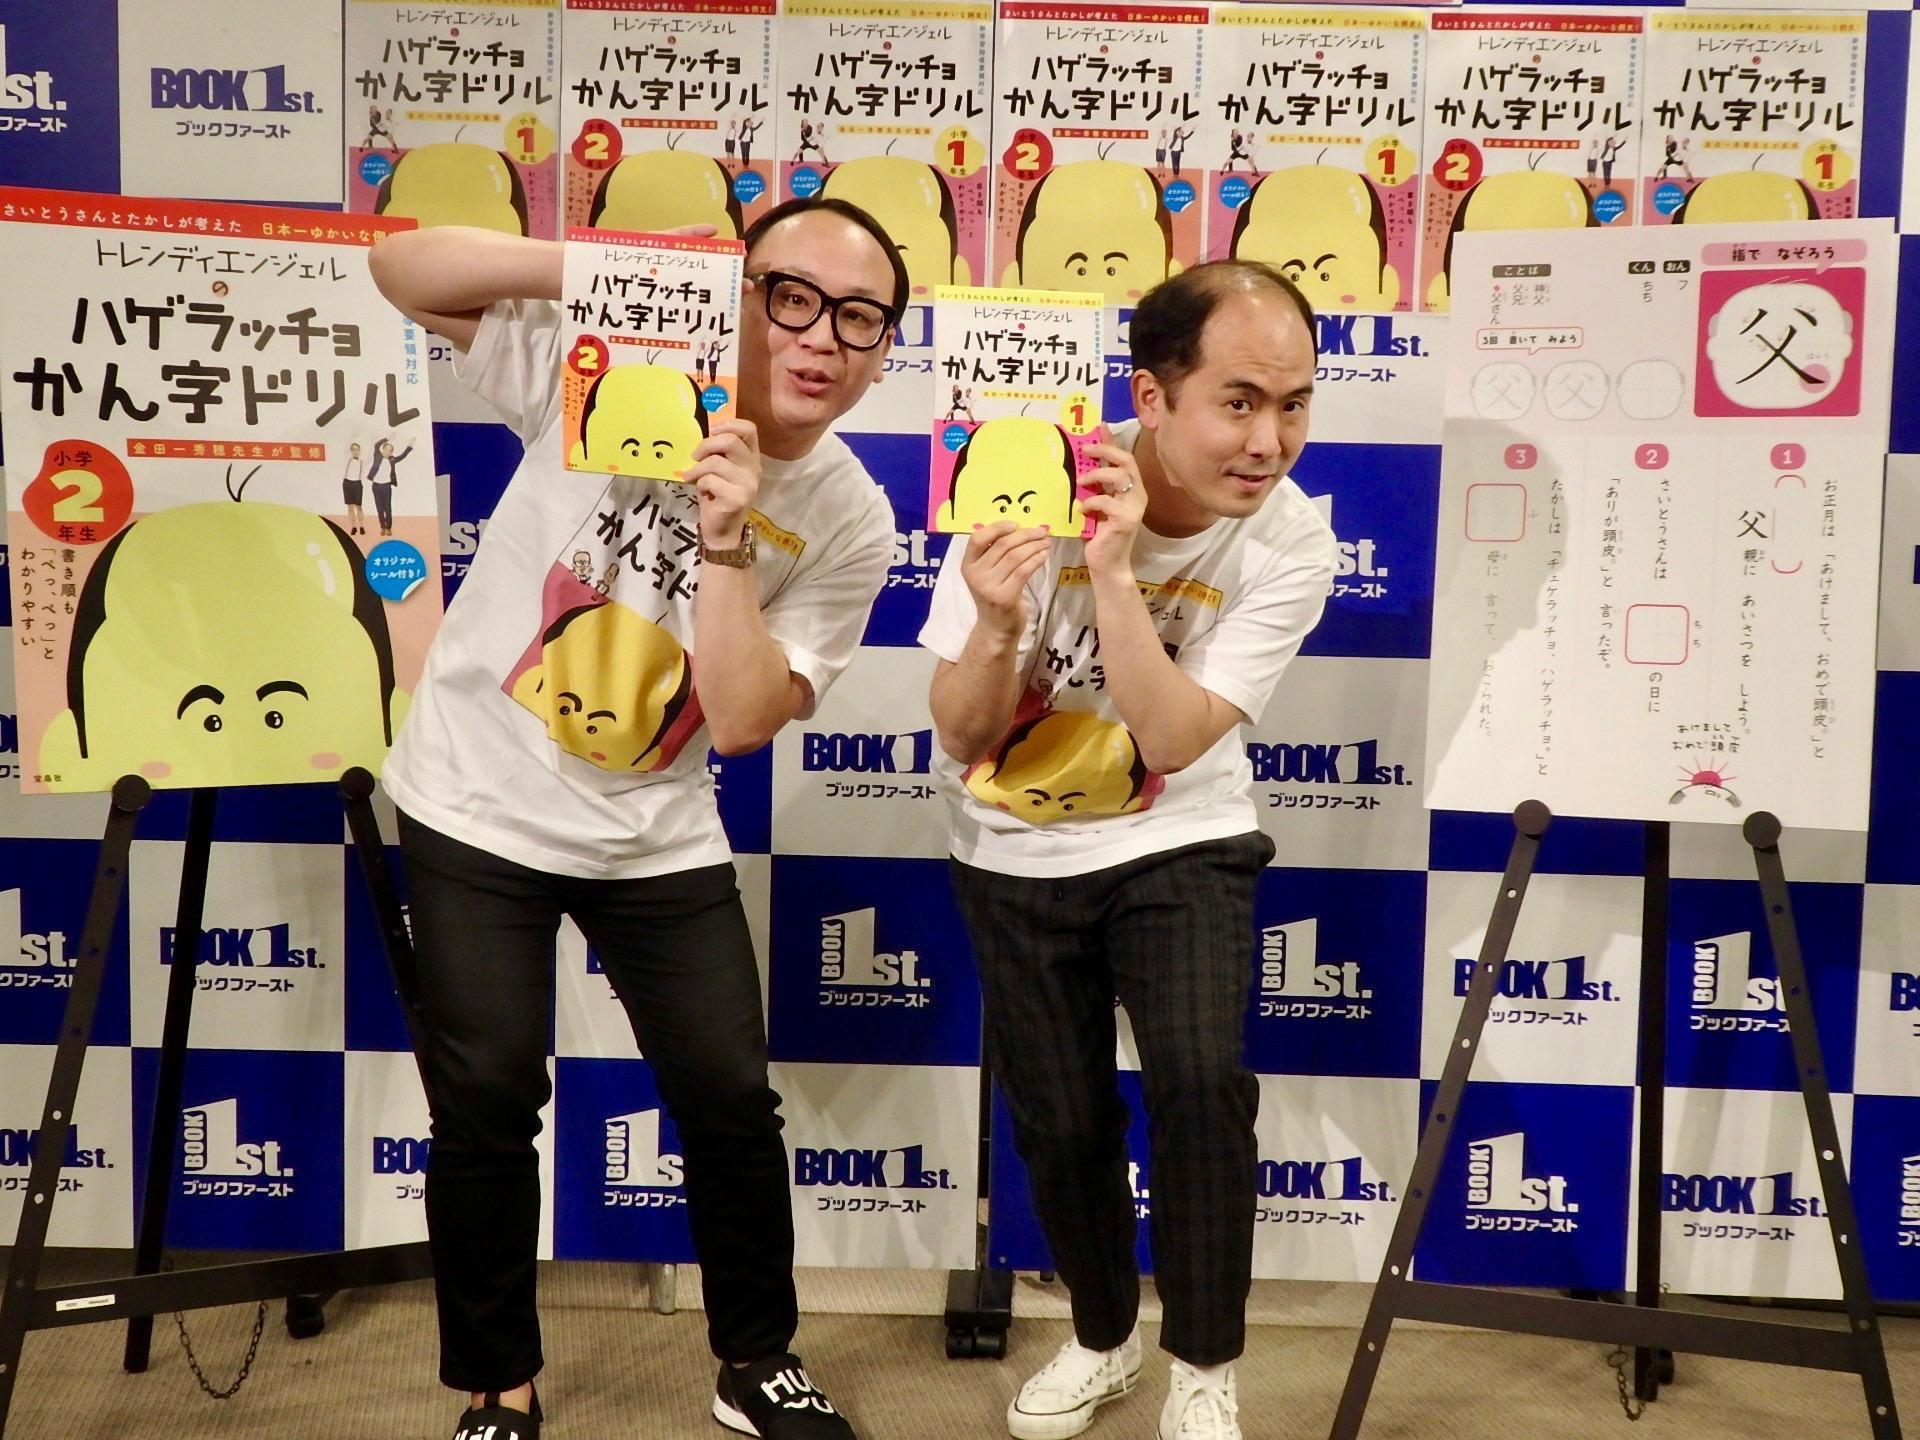 http://news.yoshimoto.co.jp/20180411235836-c54bcc463ba3dcaf42383c0f10b65c6625b35e83.jpg